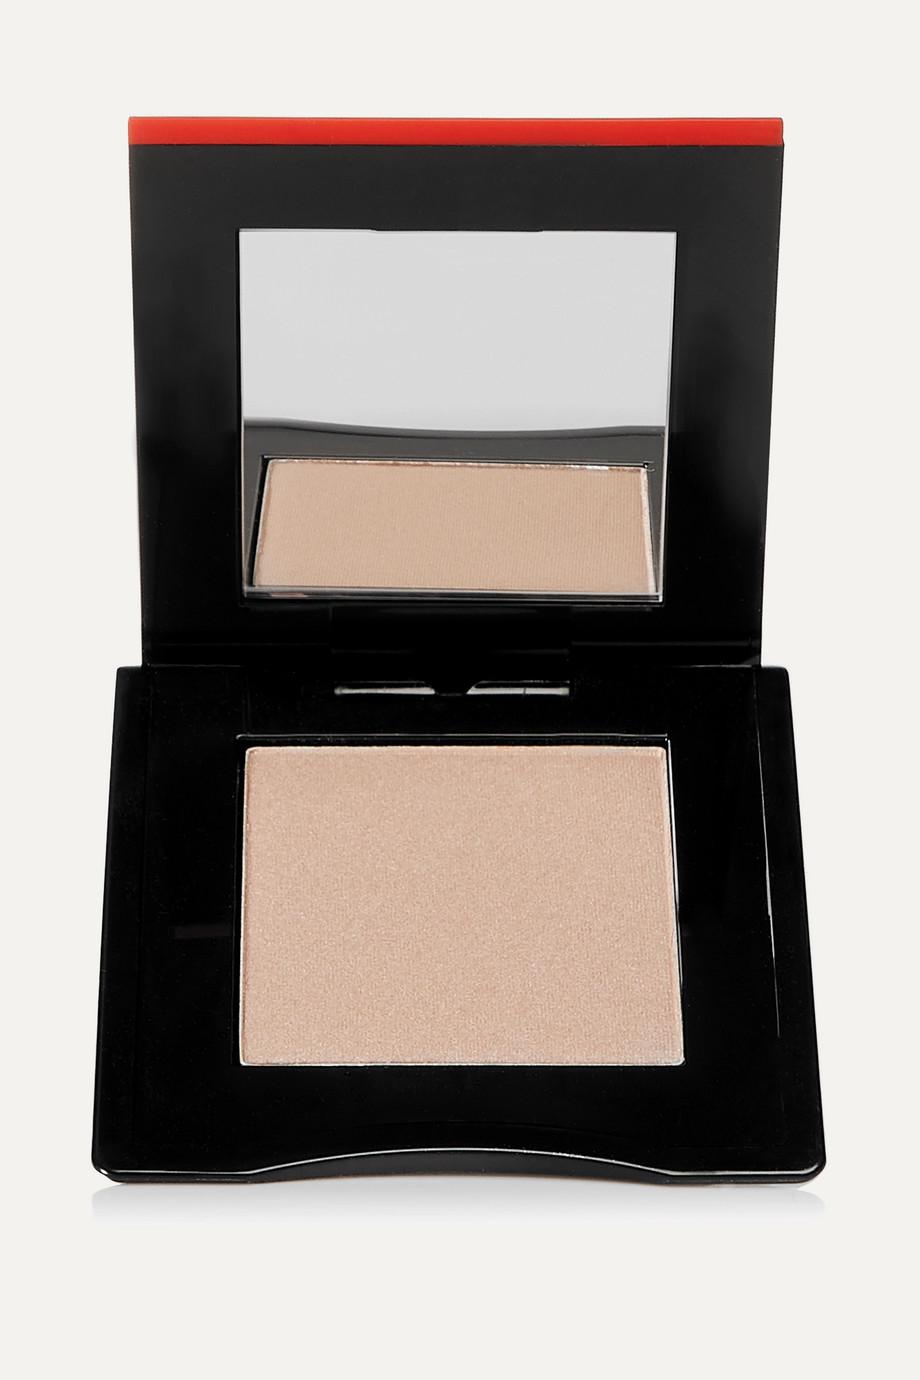 Shiseido InnerGlow CheekPowder – Inner Light 01 – Rouge